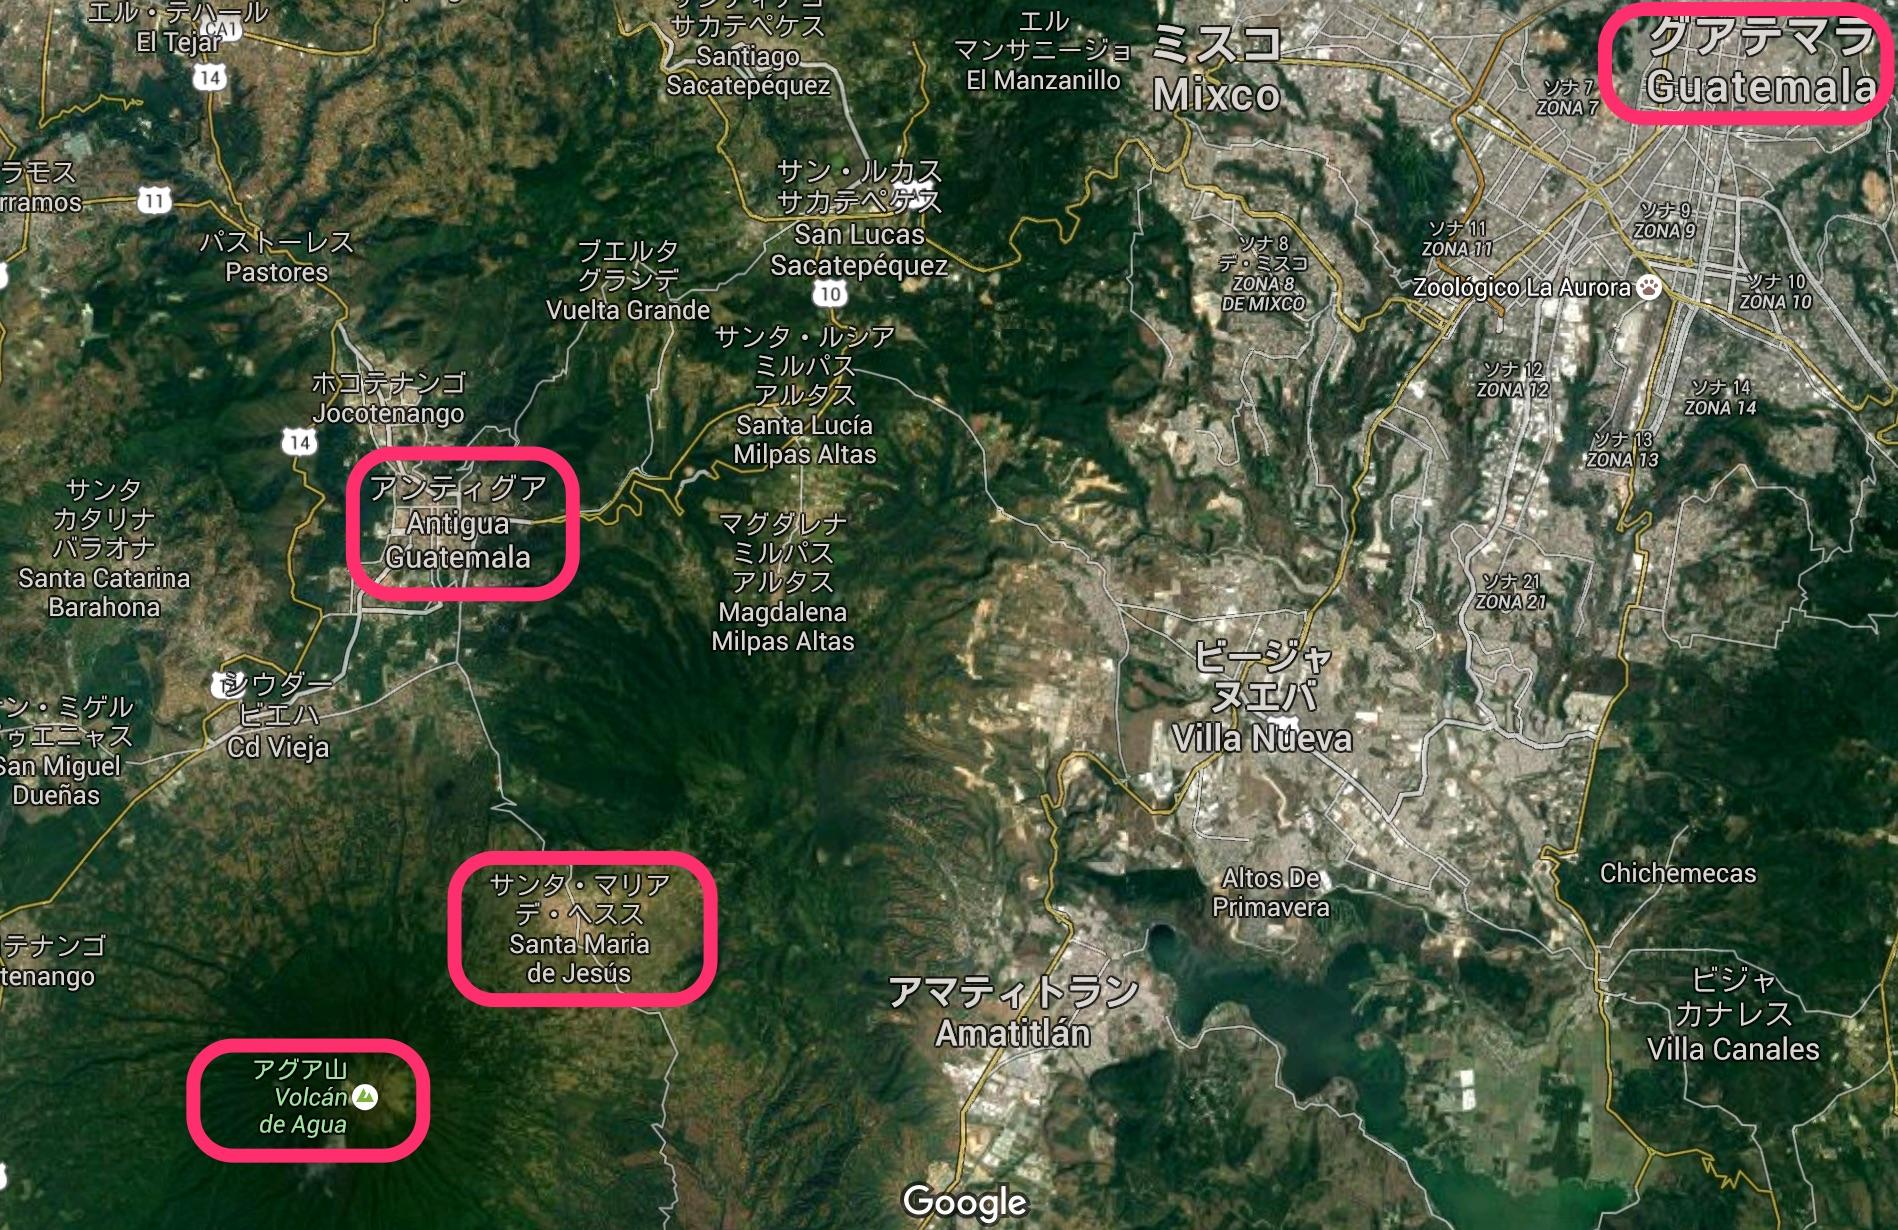 グアテマラ_-_Google_マップ2